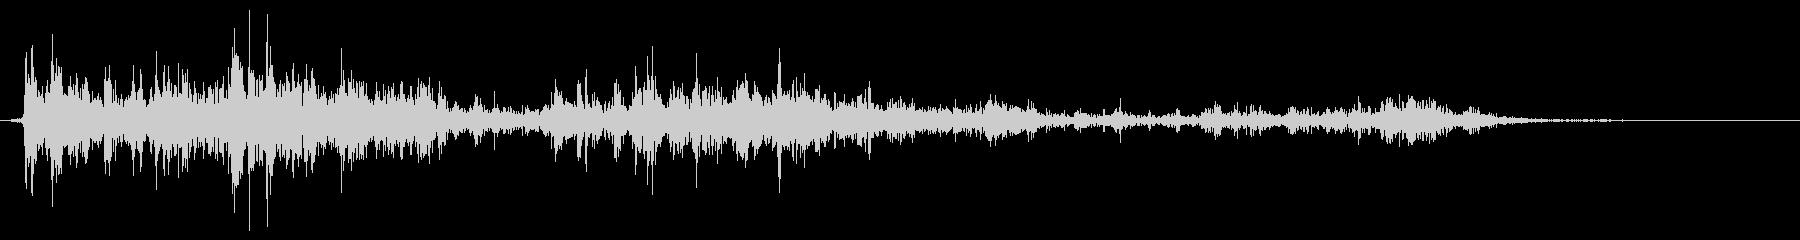 土砂降りの中の落雷の音(室内で録音)の未再生の波形